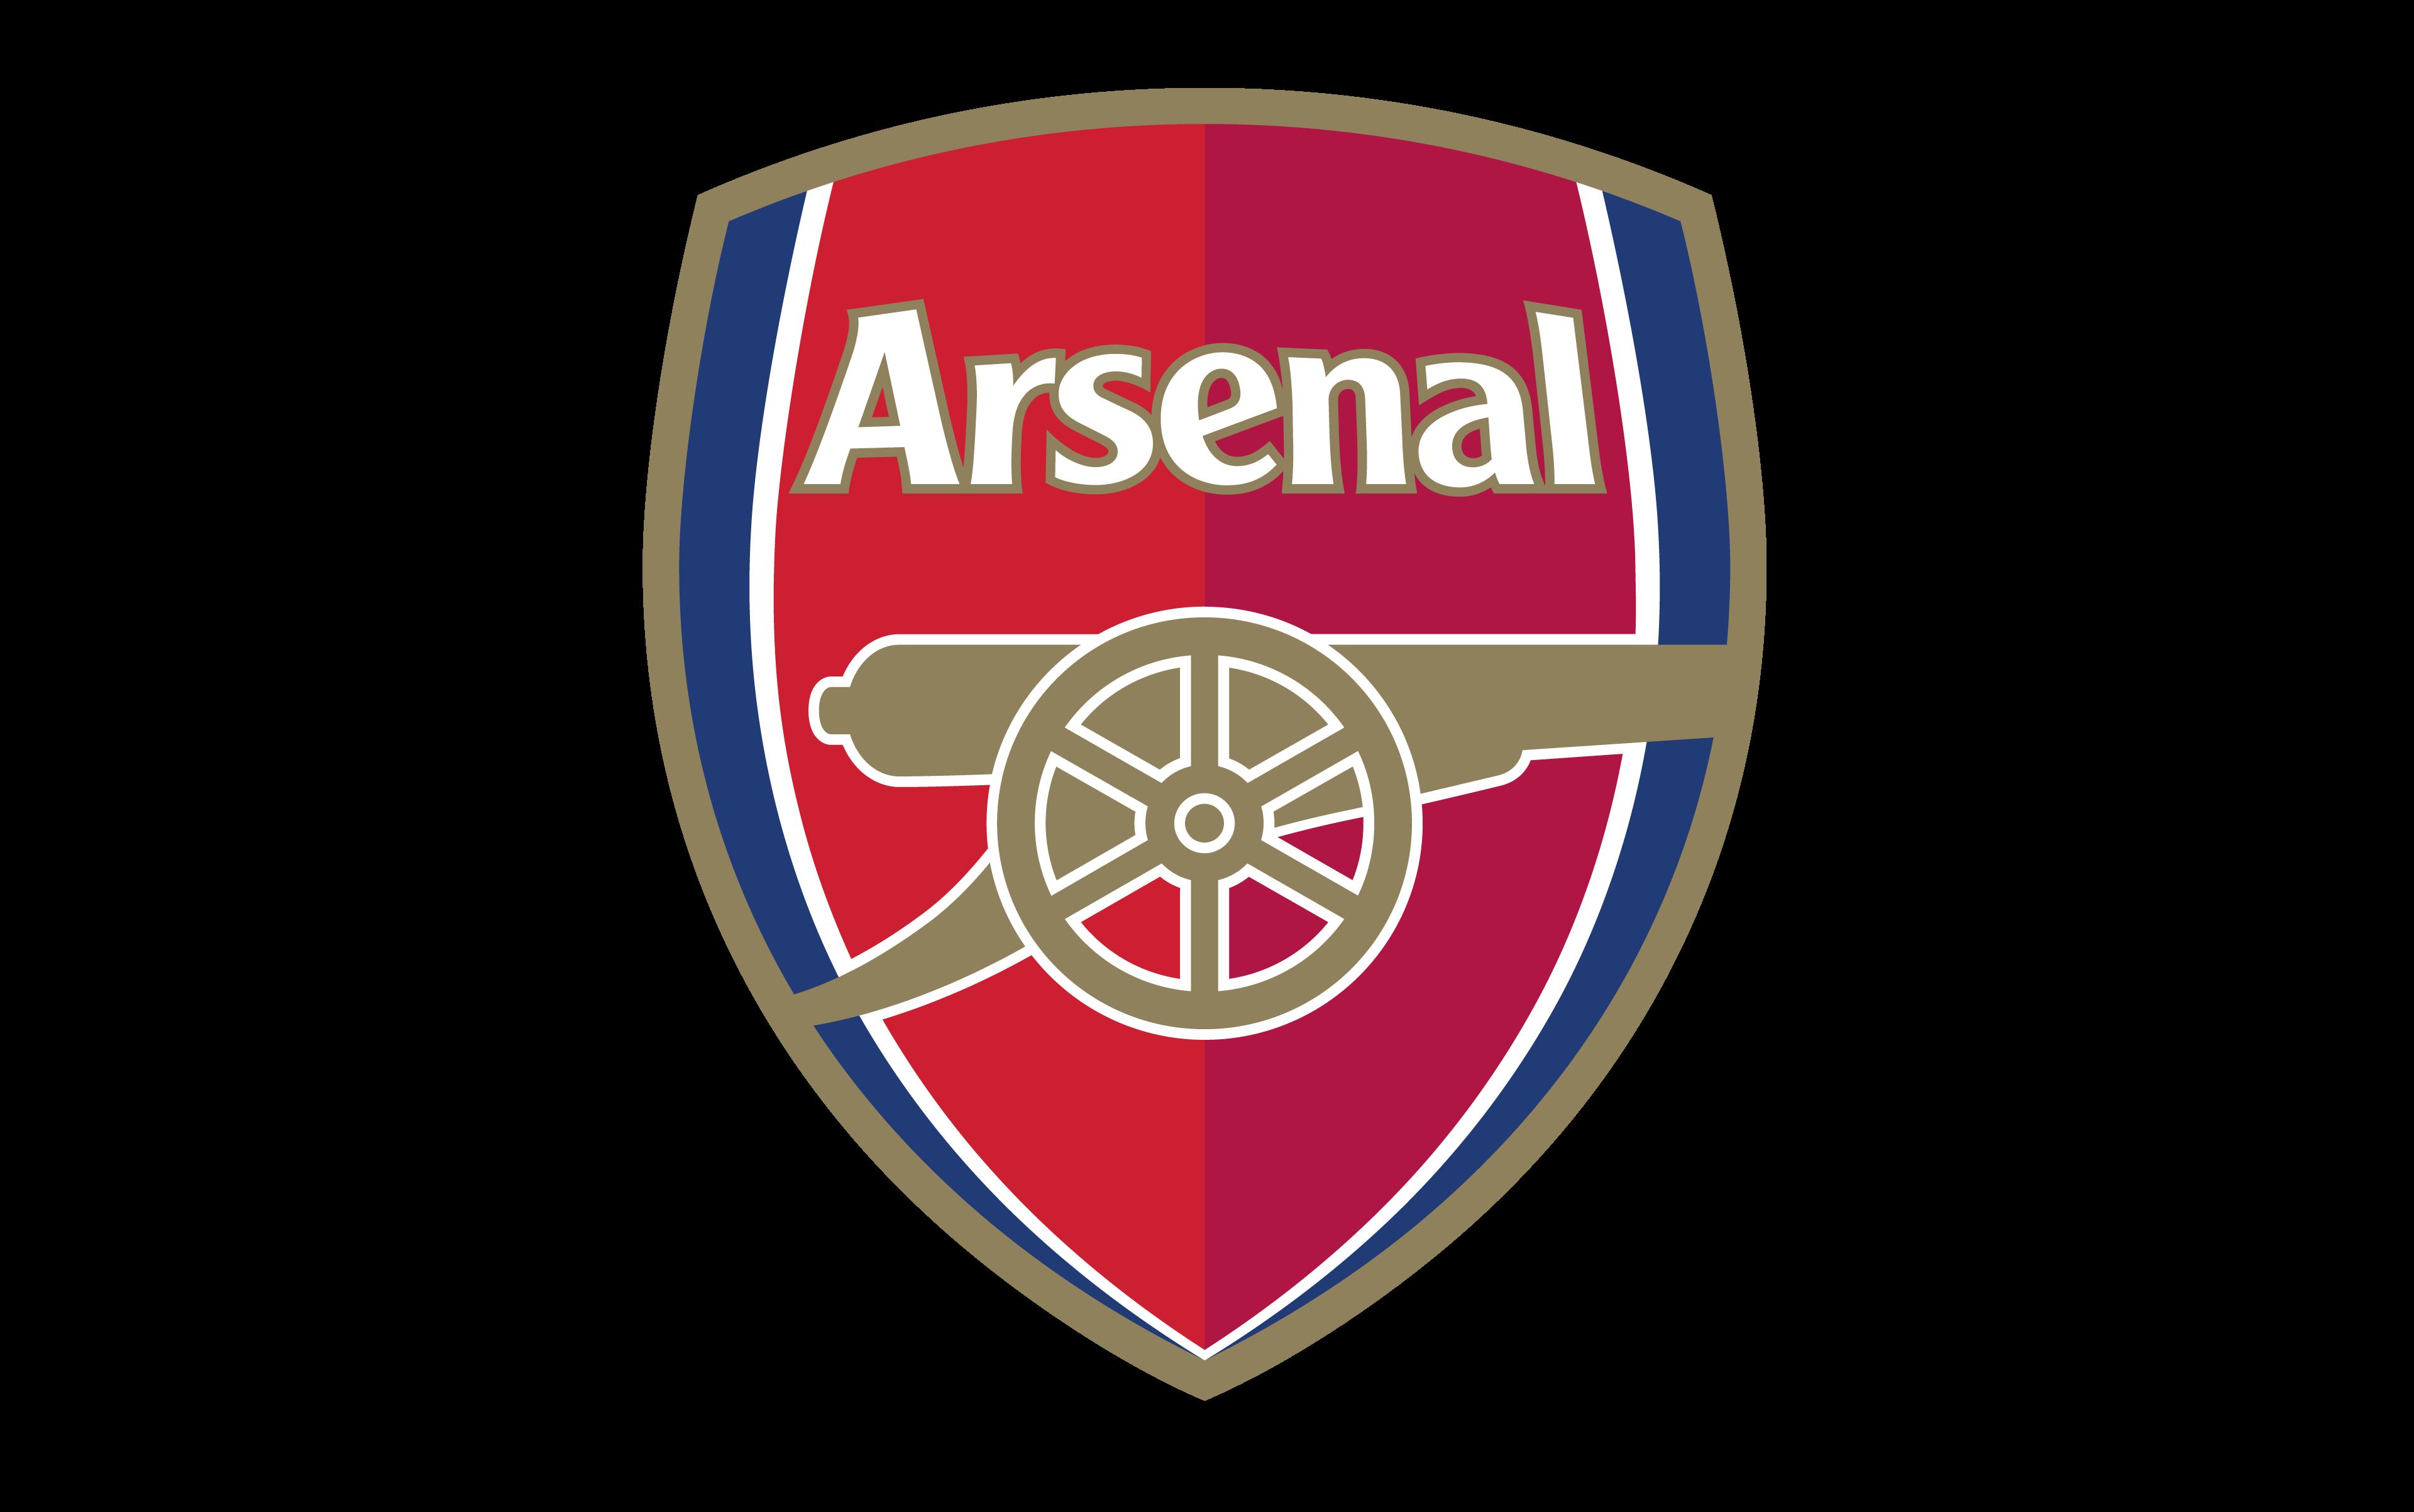 Ảnh logo arsenal đẹp